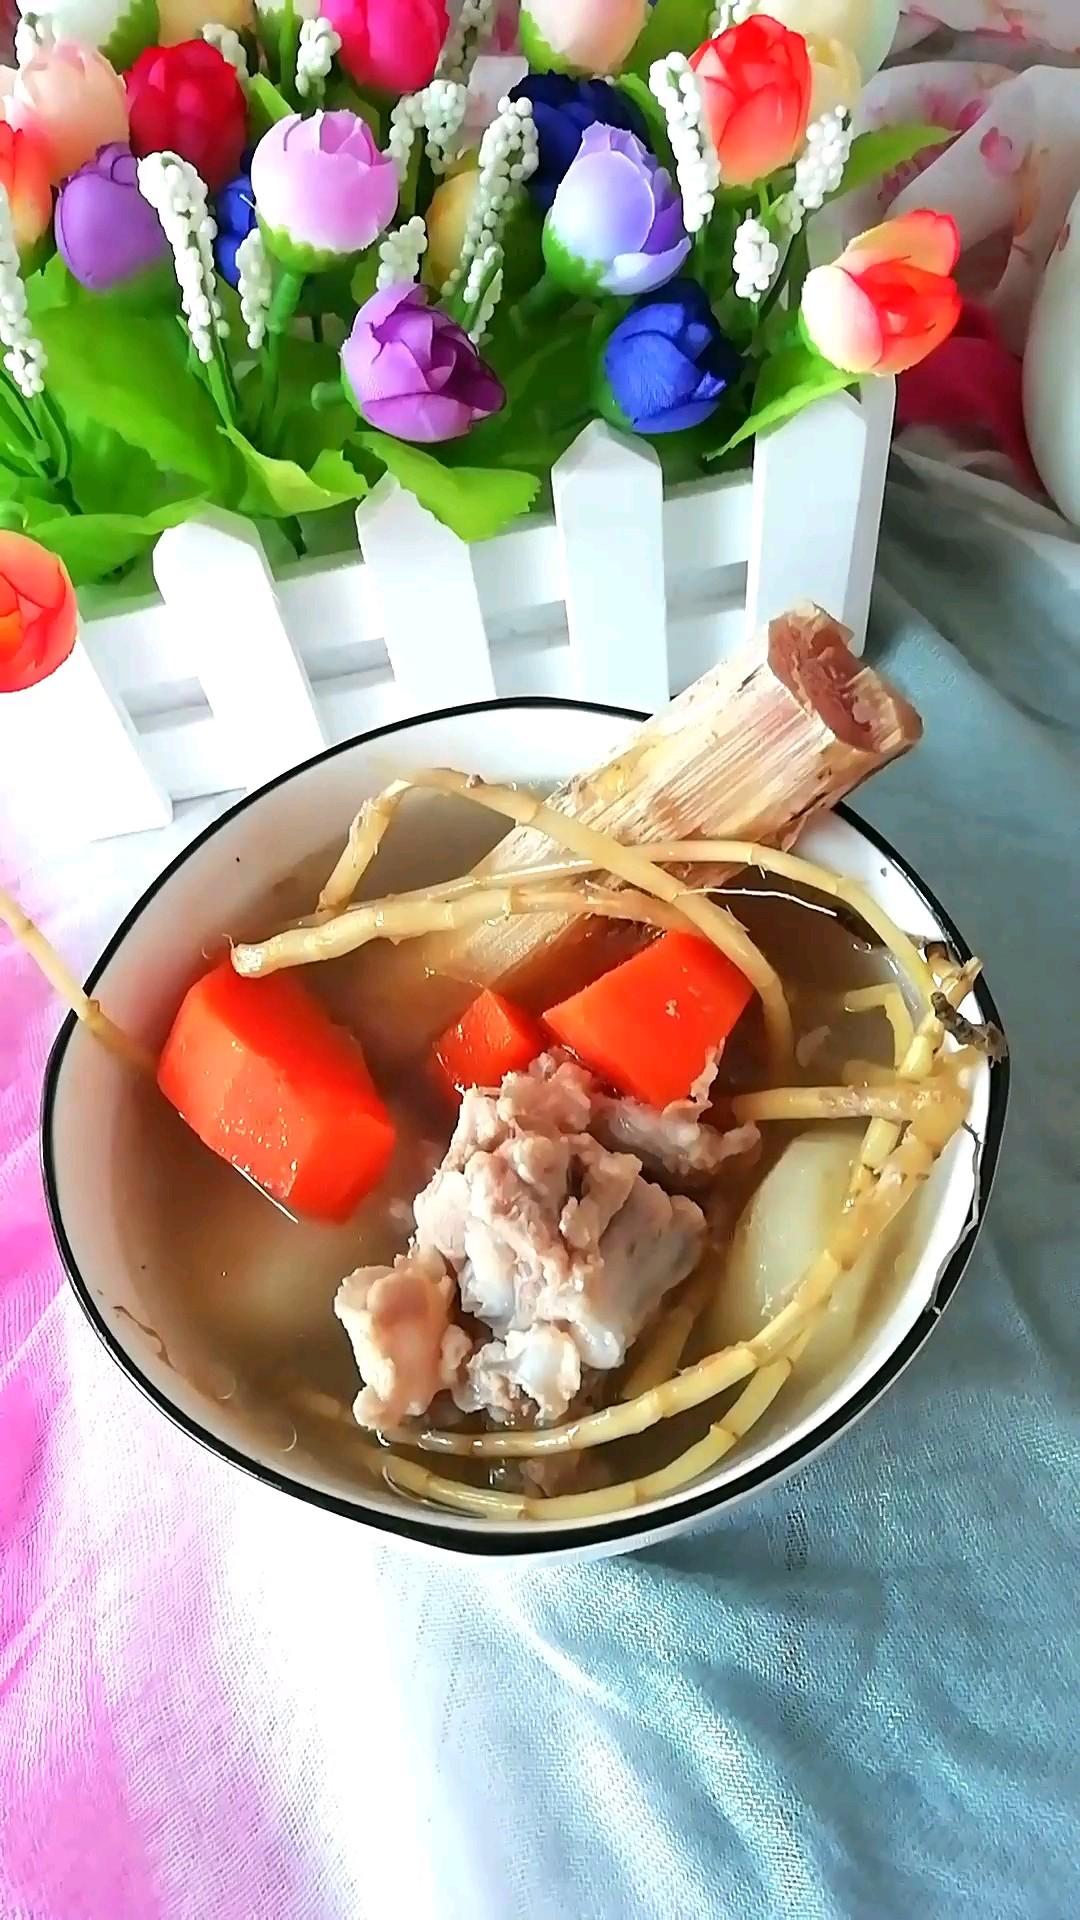 茅根竹蔗马蹄胡萝卜汤